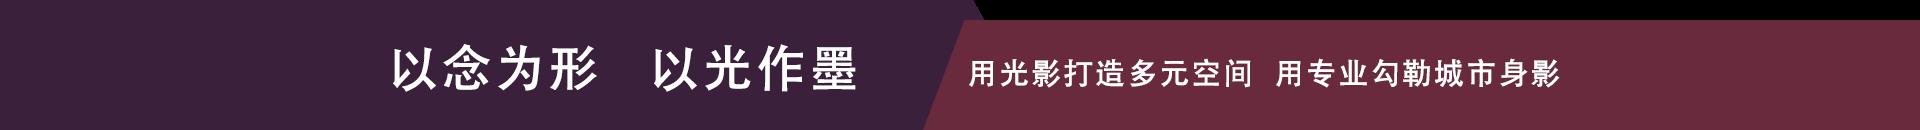 raybet公司佛山雷竞技官网介绍raybet押注